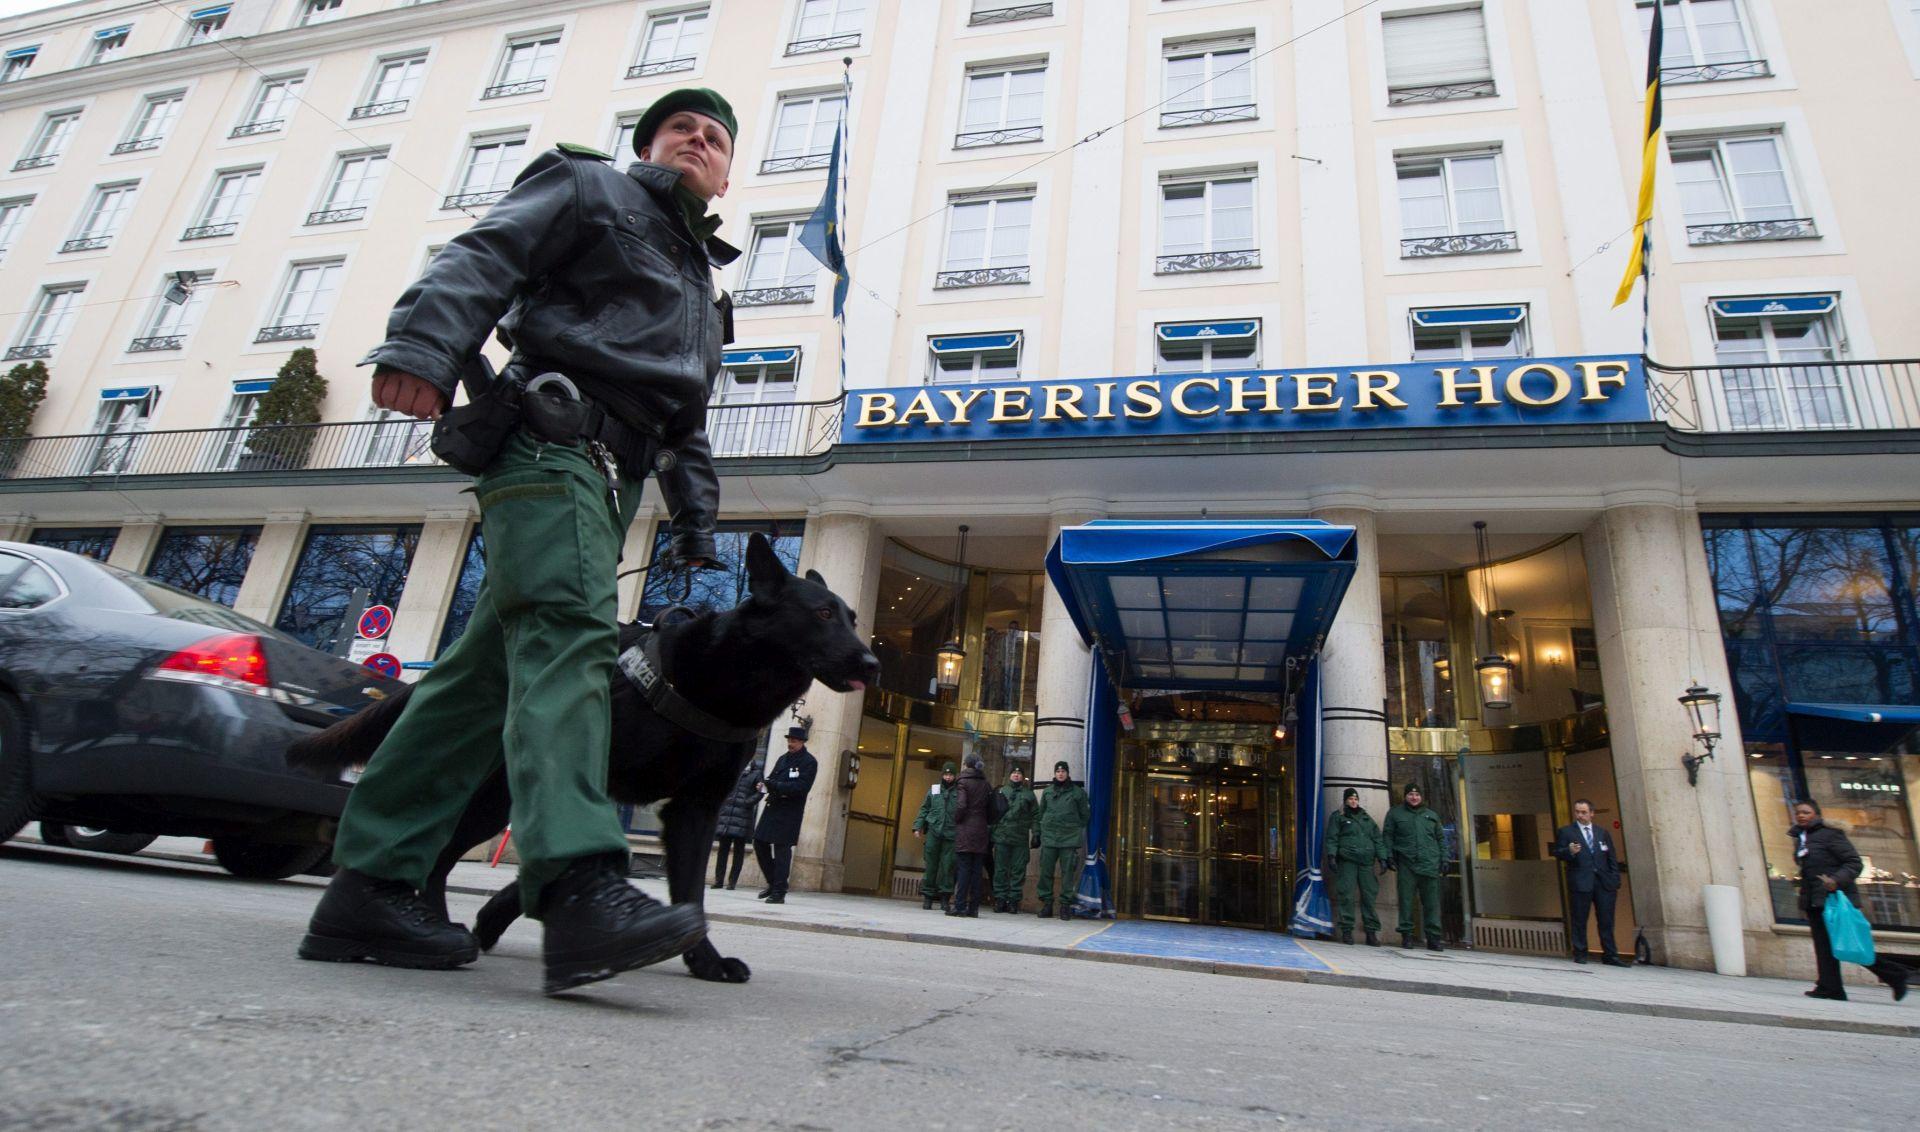 Njemačka policija privela 17-godišnjeg islamista, osumnjičenog za planiranje napada u Berlinu